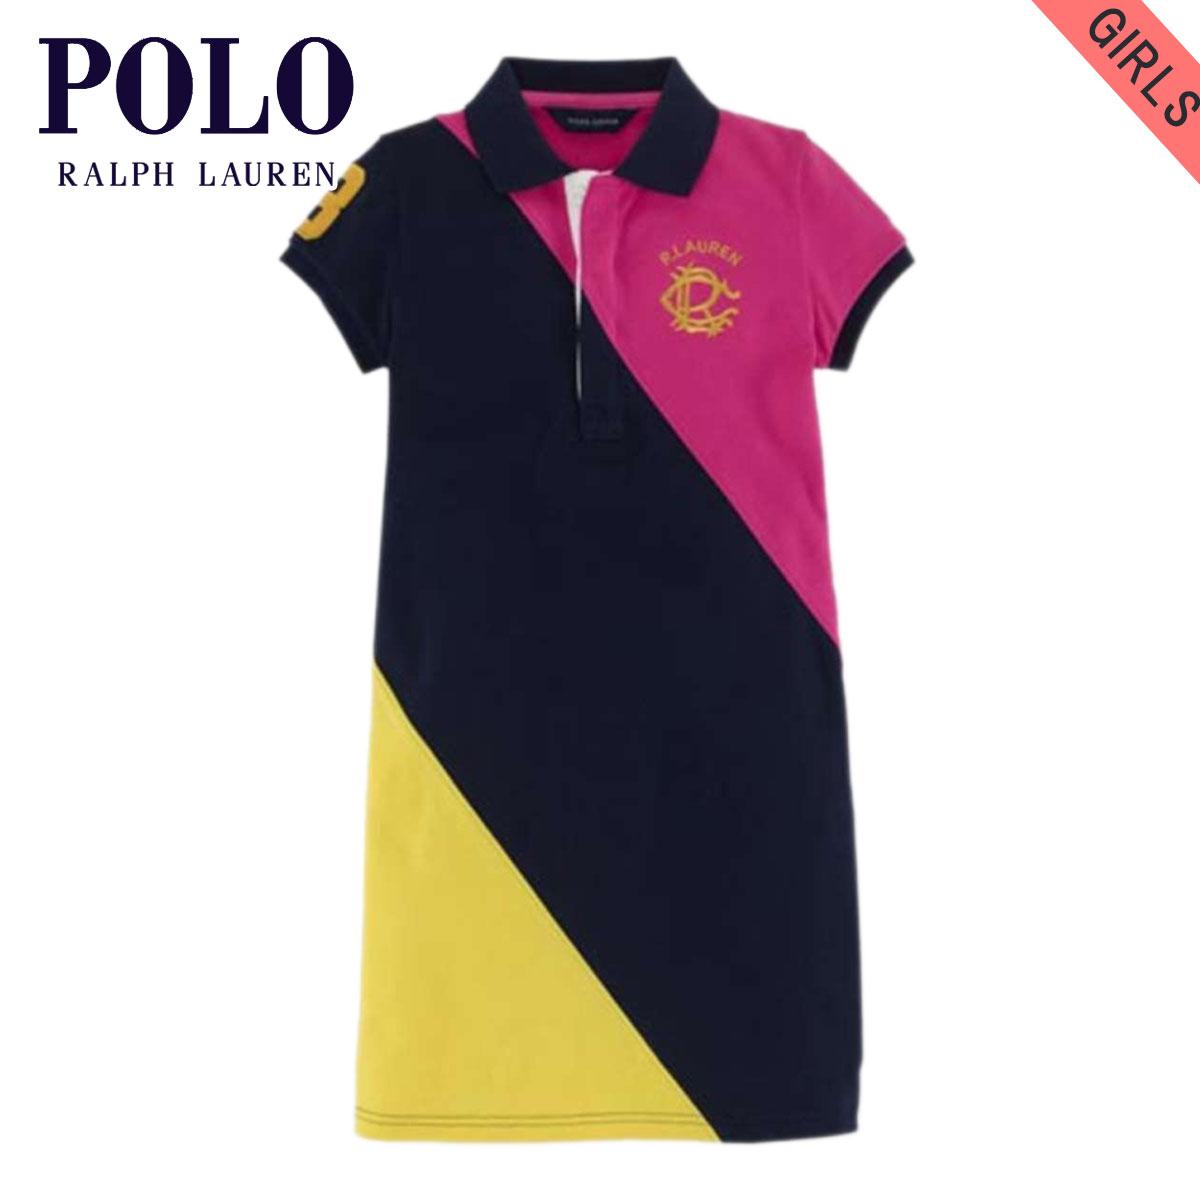 ralph lauren polo shirts girls